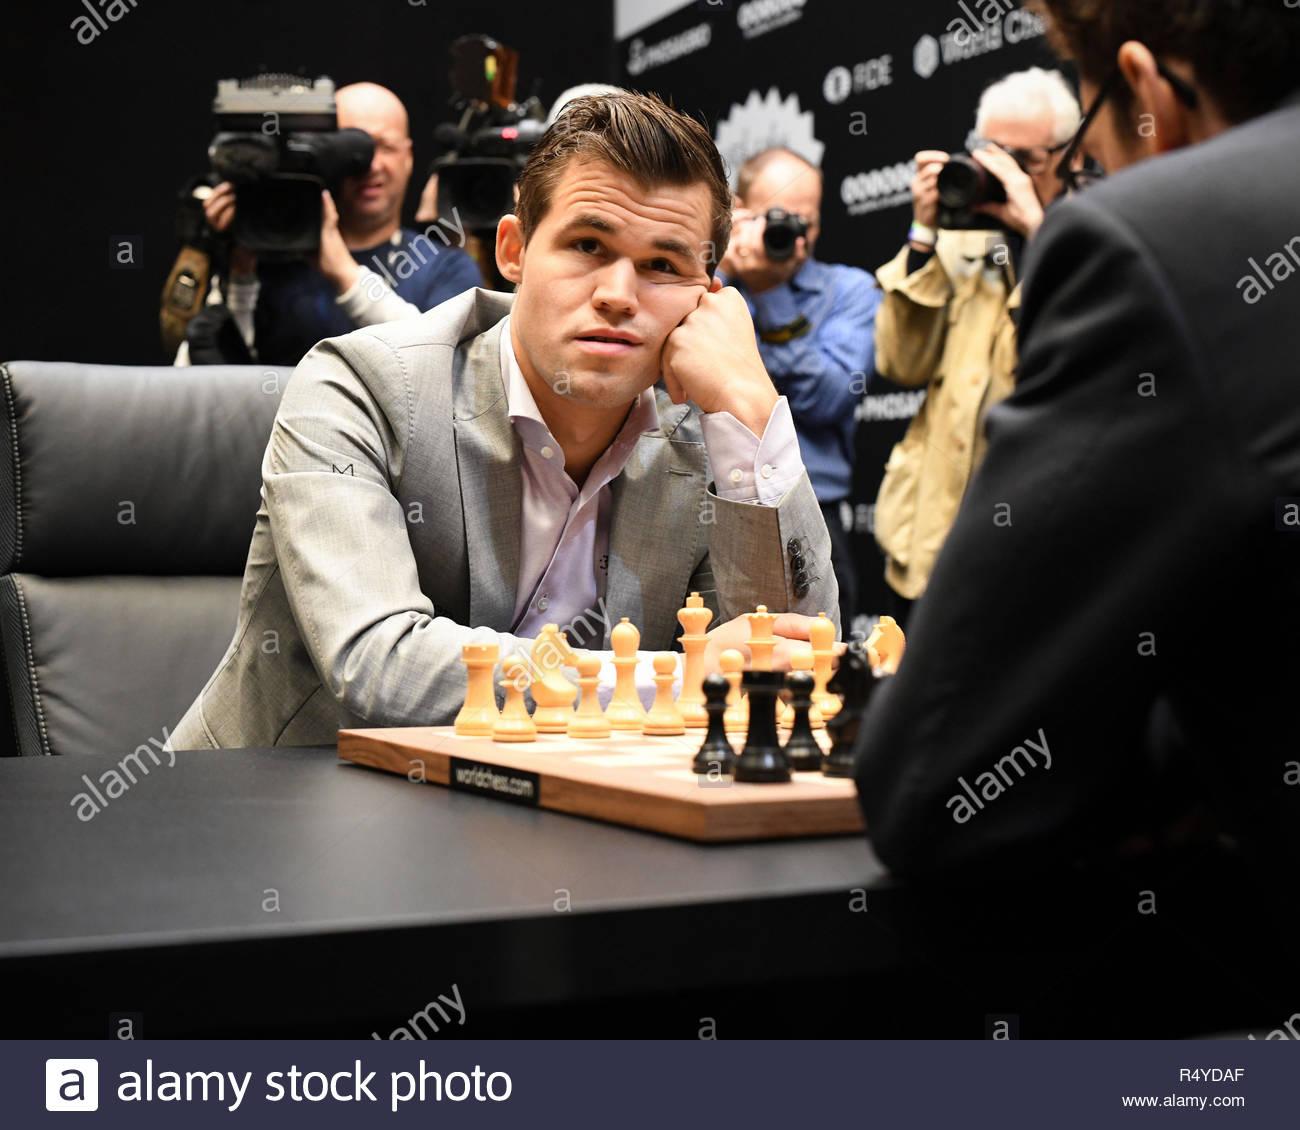 Londres, Reino Unido. 28 Nov, 2018. Magnus Carlsen compite contra Fabiano Caruana en el Campeonato Mundial de Ajedrez. Crédito: Bart Lenoir/Alamy Live News Imagen De Stock